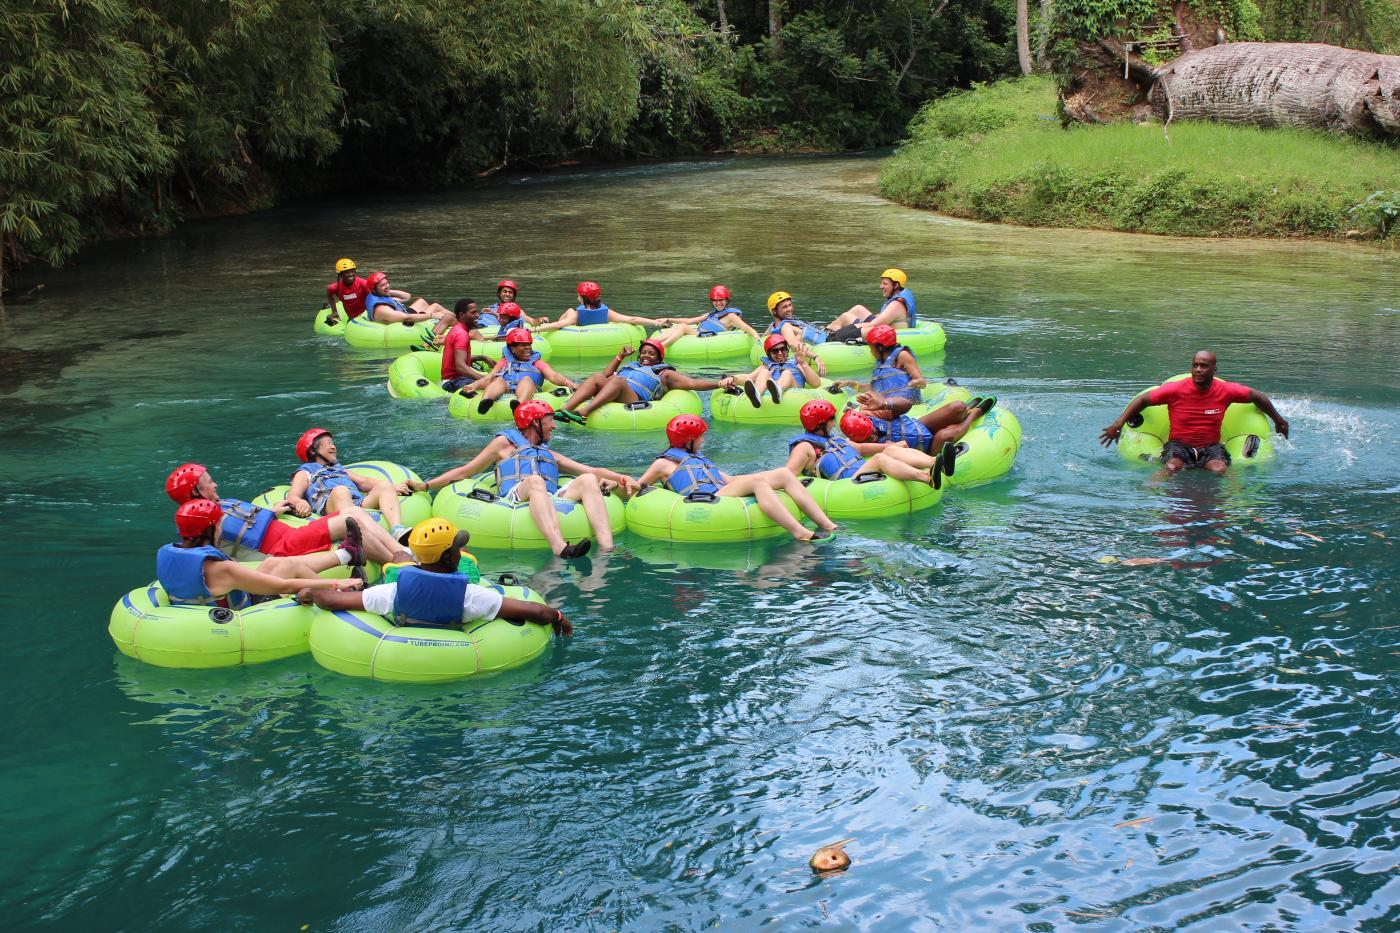 River Tubing,best adventurous activities in the UK